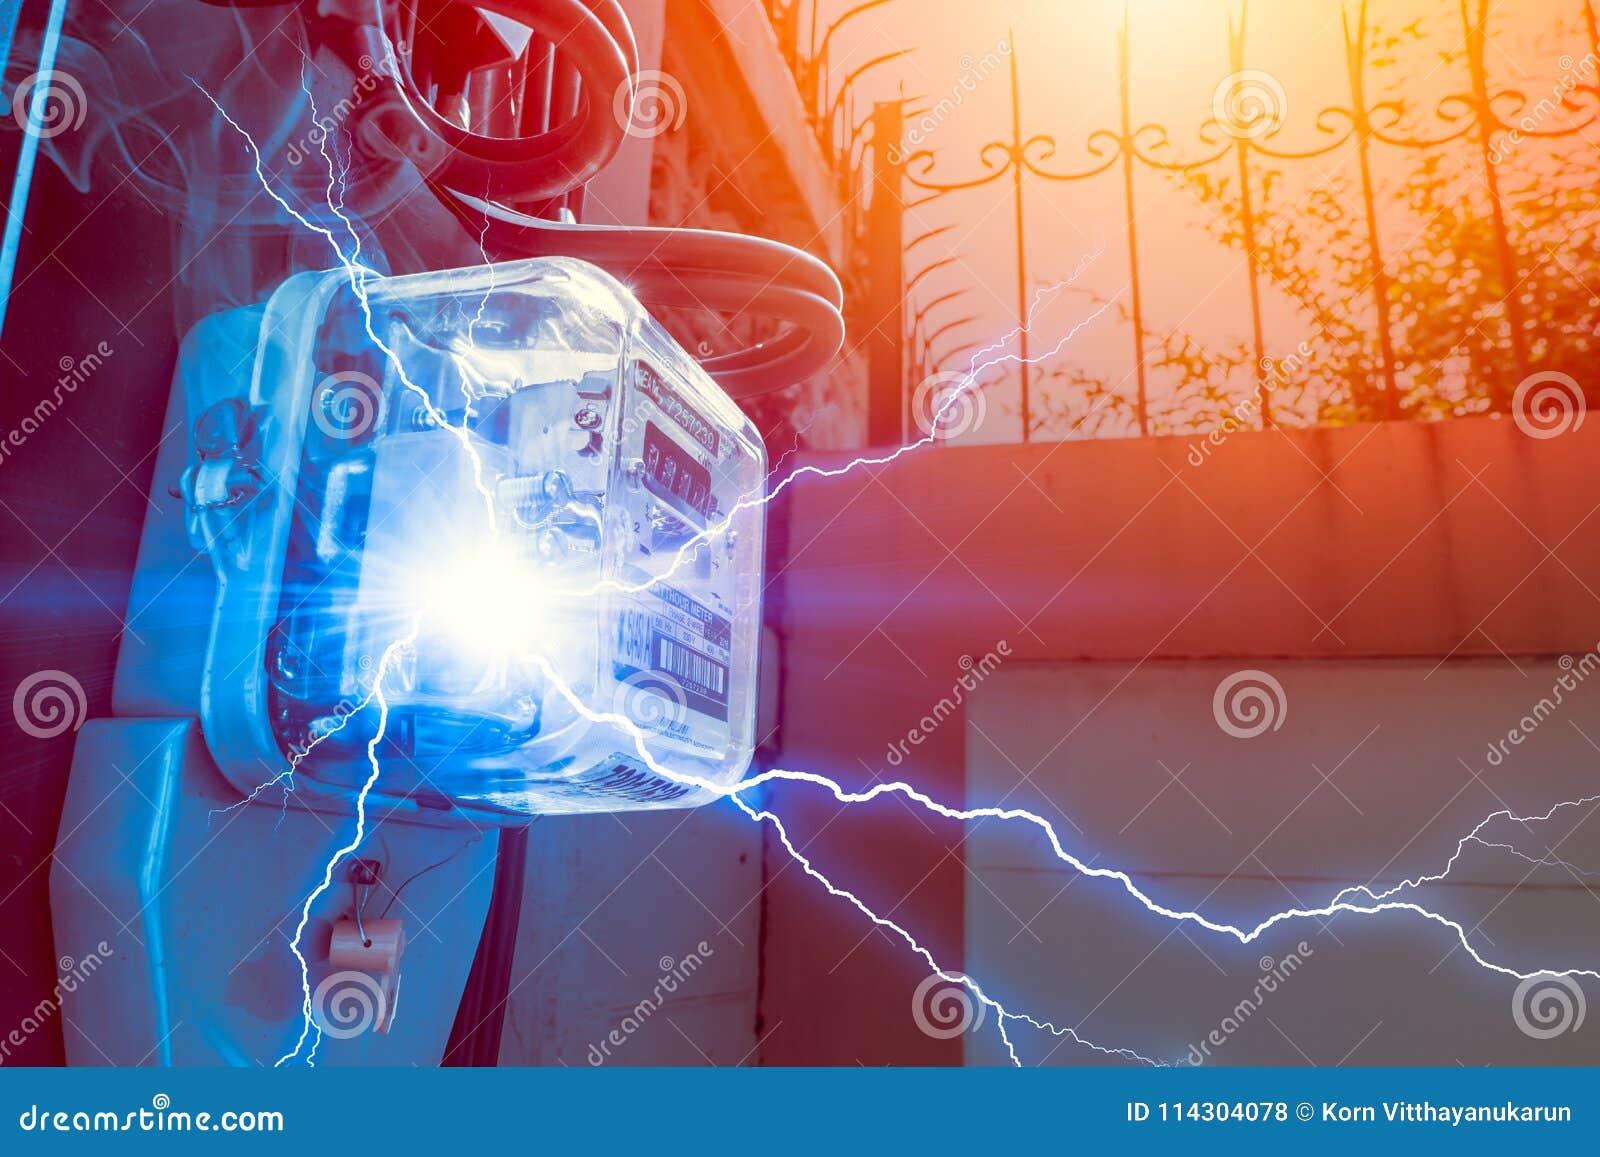 Medidor da hora do watt com perigo do curto-circuito da eletricidade do poder do uso excessivo